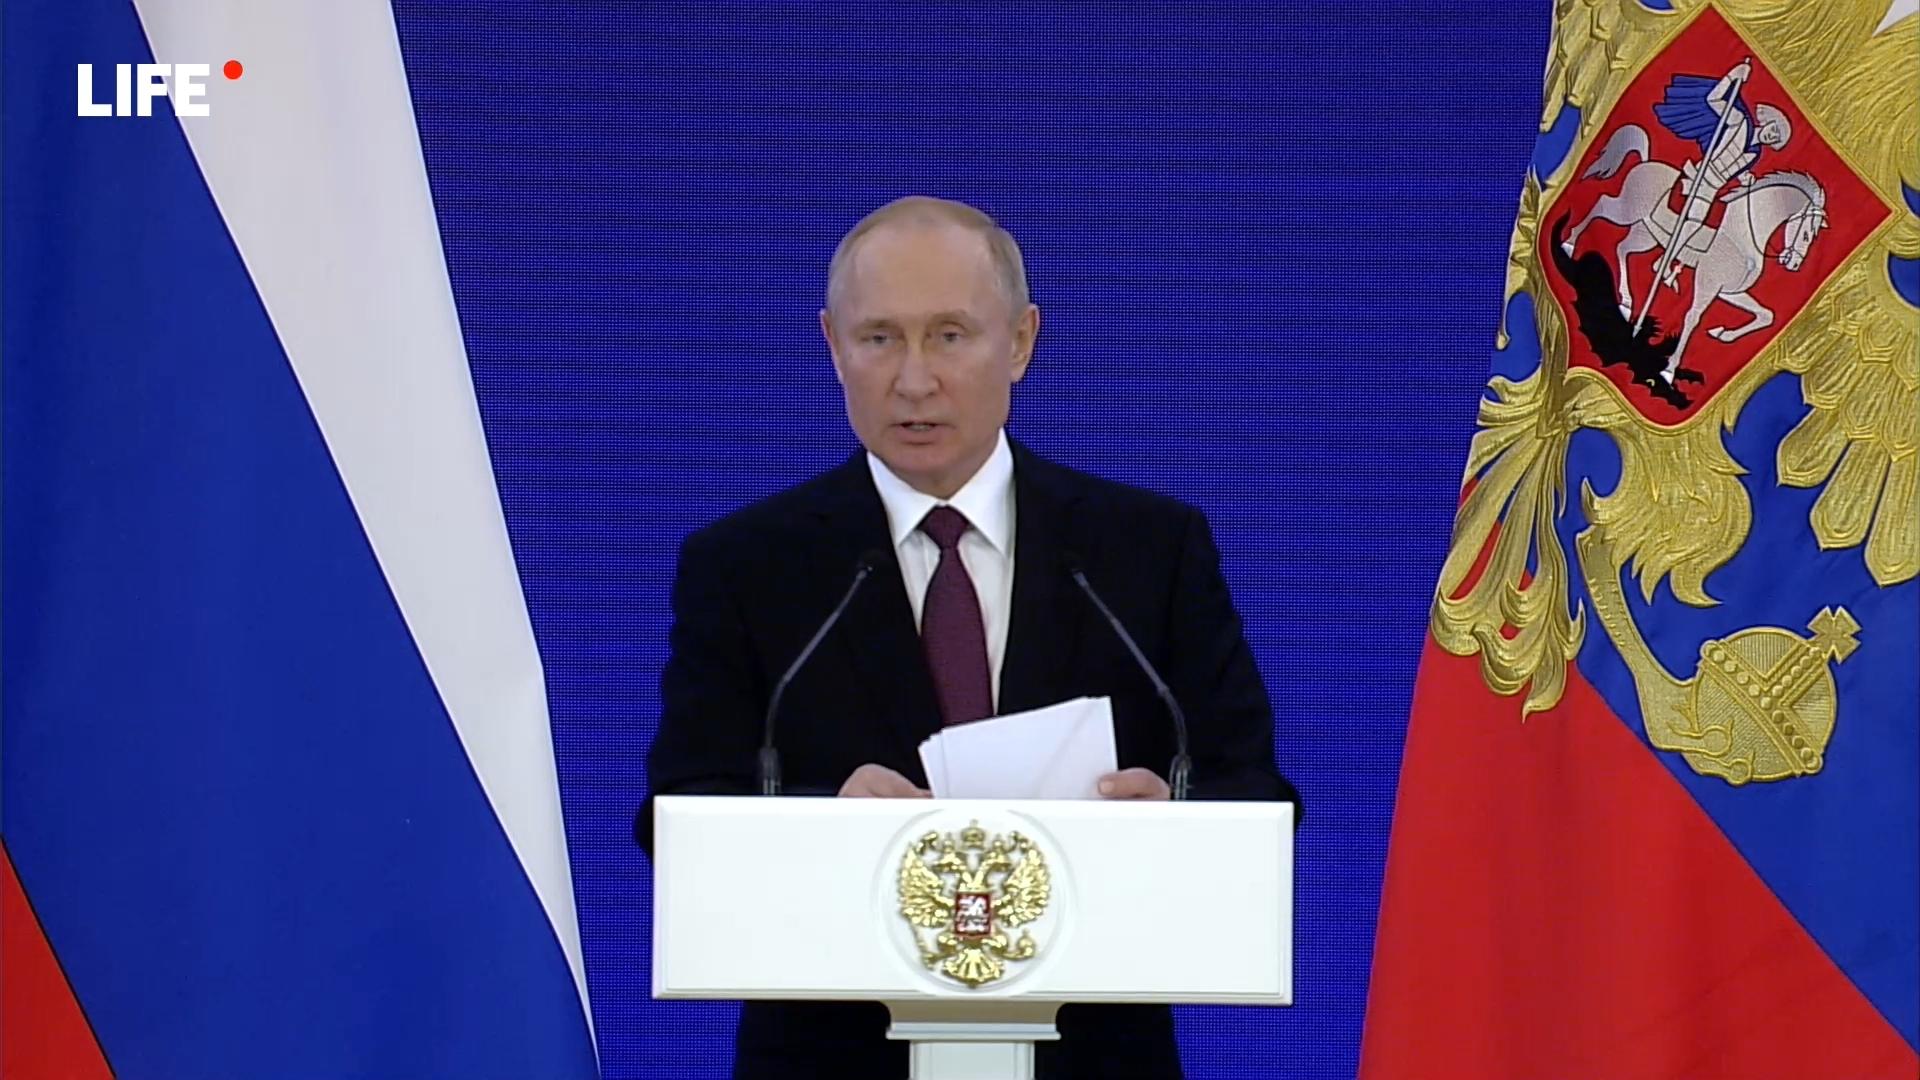 05-20191104-Прямая трансляция- Путин вручает госнаграды в День народного единства - «Life.ru» — информационный портал